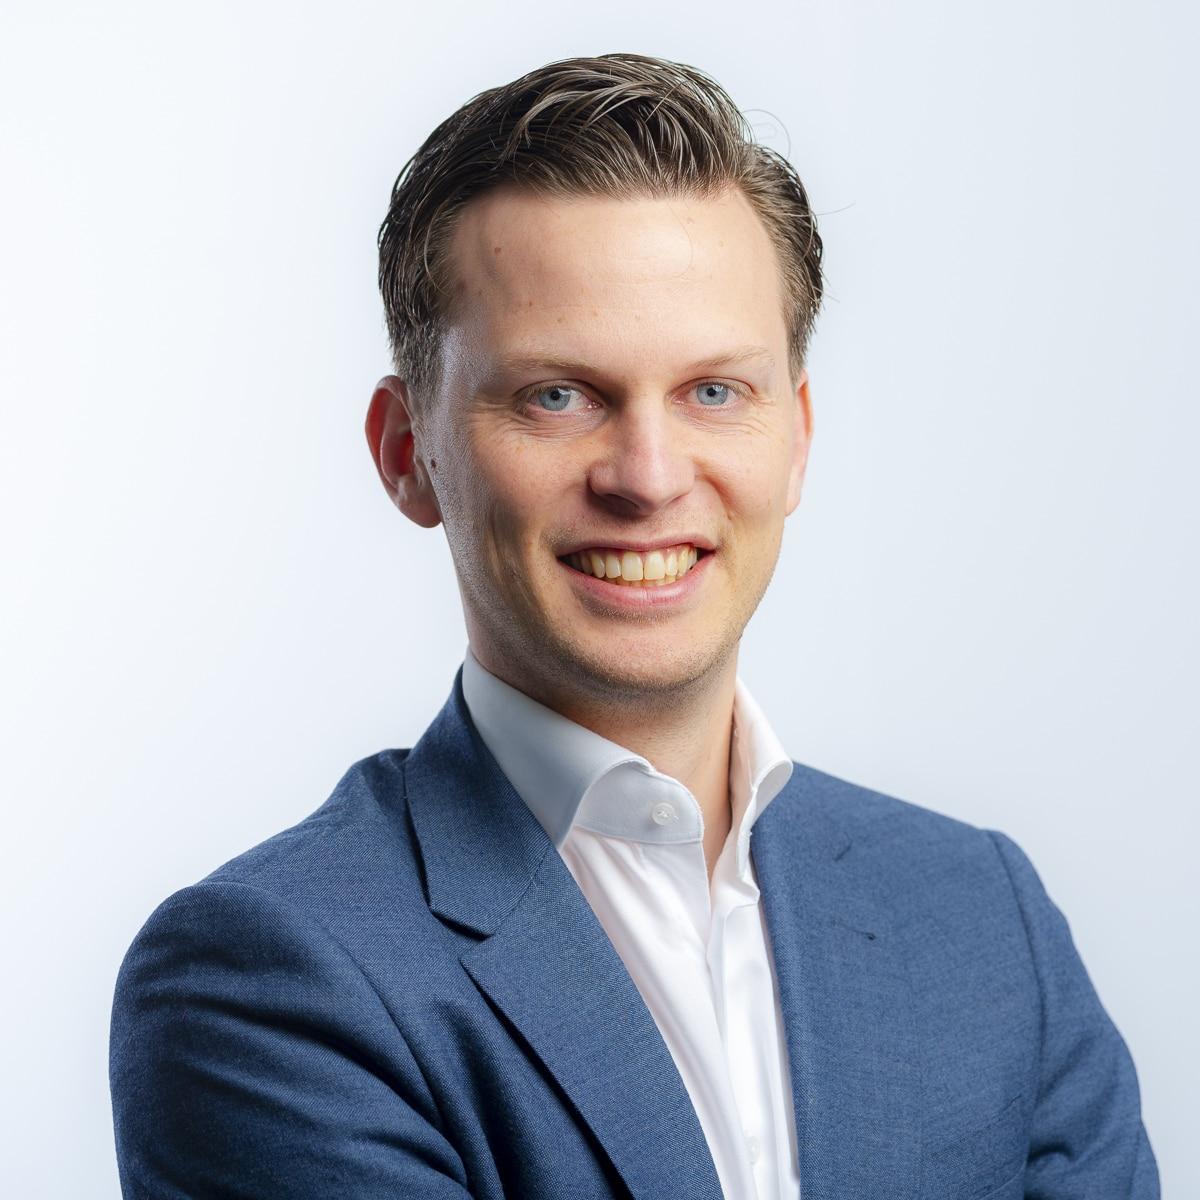 Philip van der Hoek